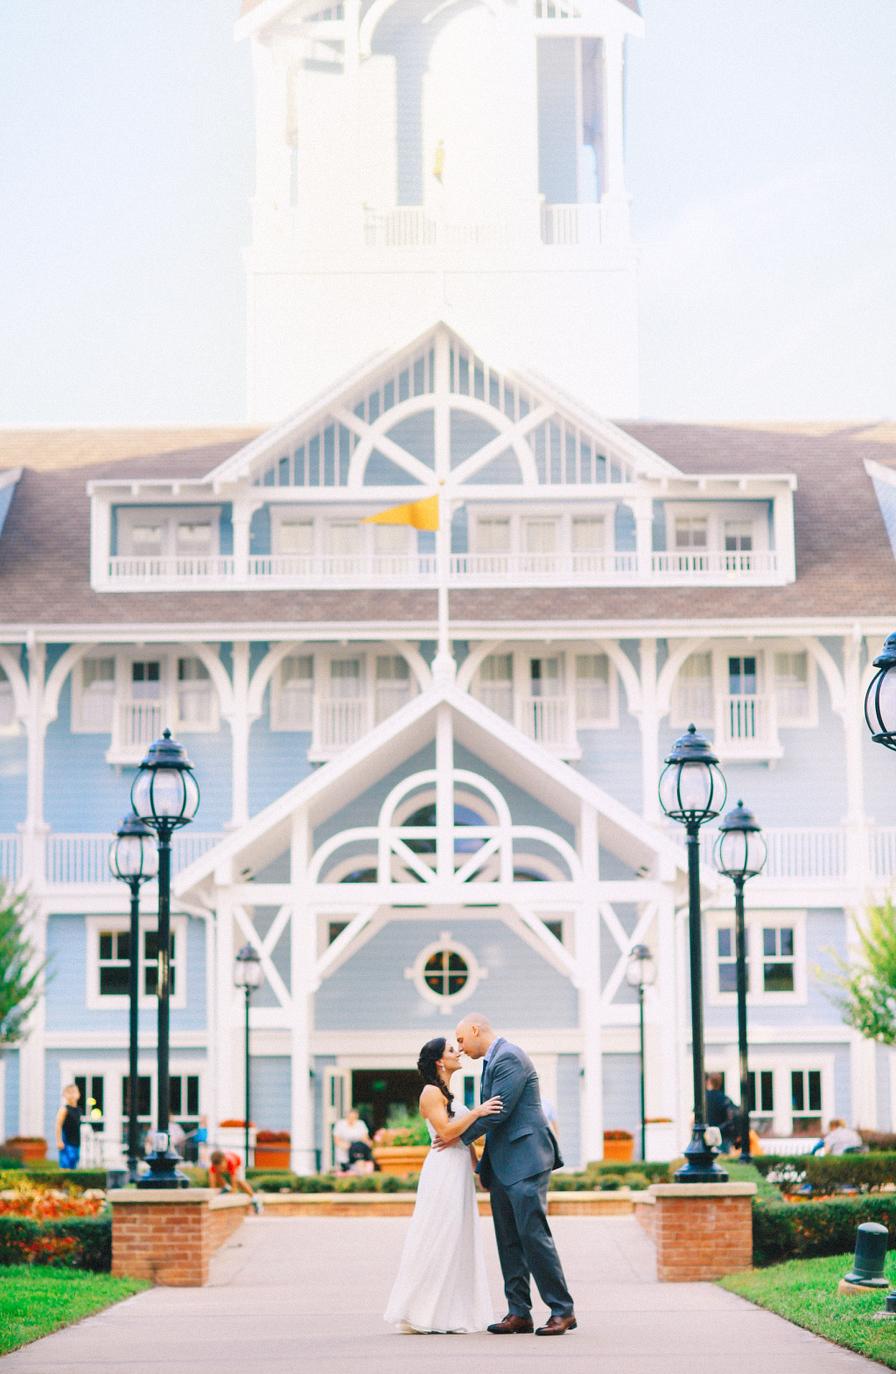 Disney Boardwalk wedding